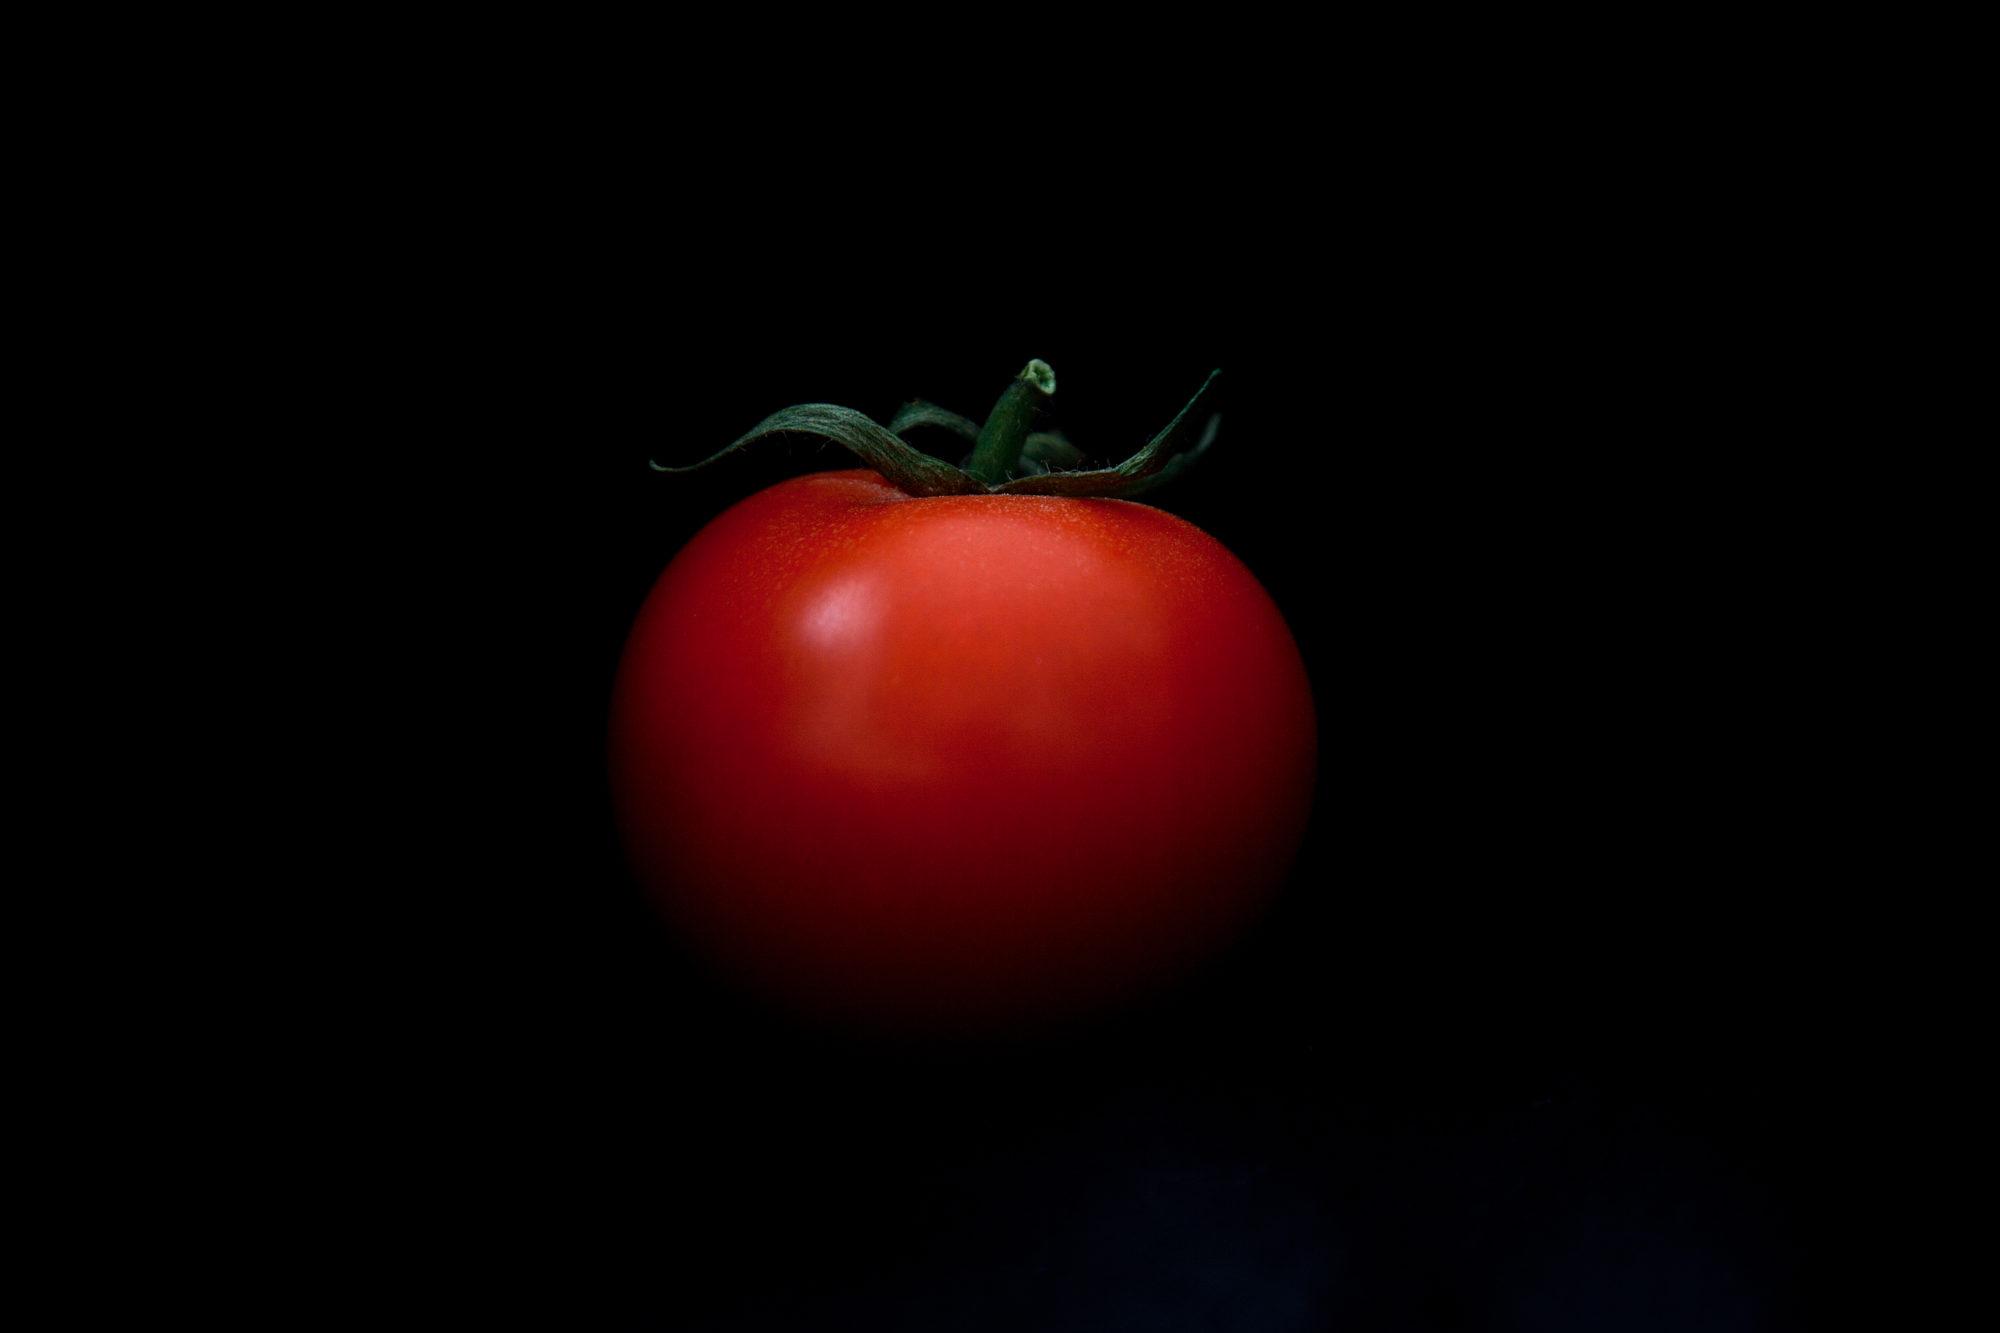 Tomate mit Strunck vor schwarzem Hintergrund, Dinner in the Dark Motiv